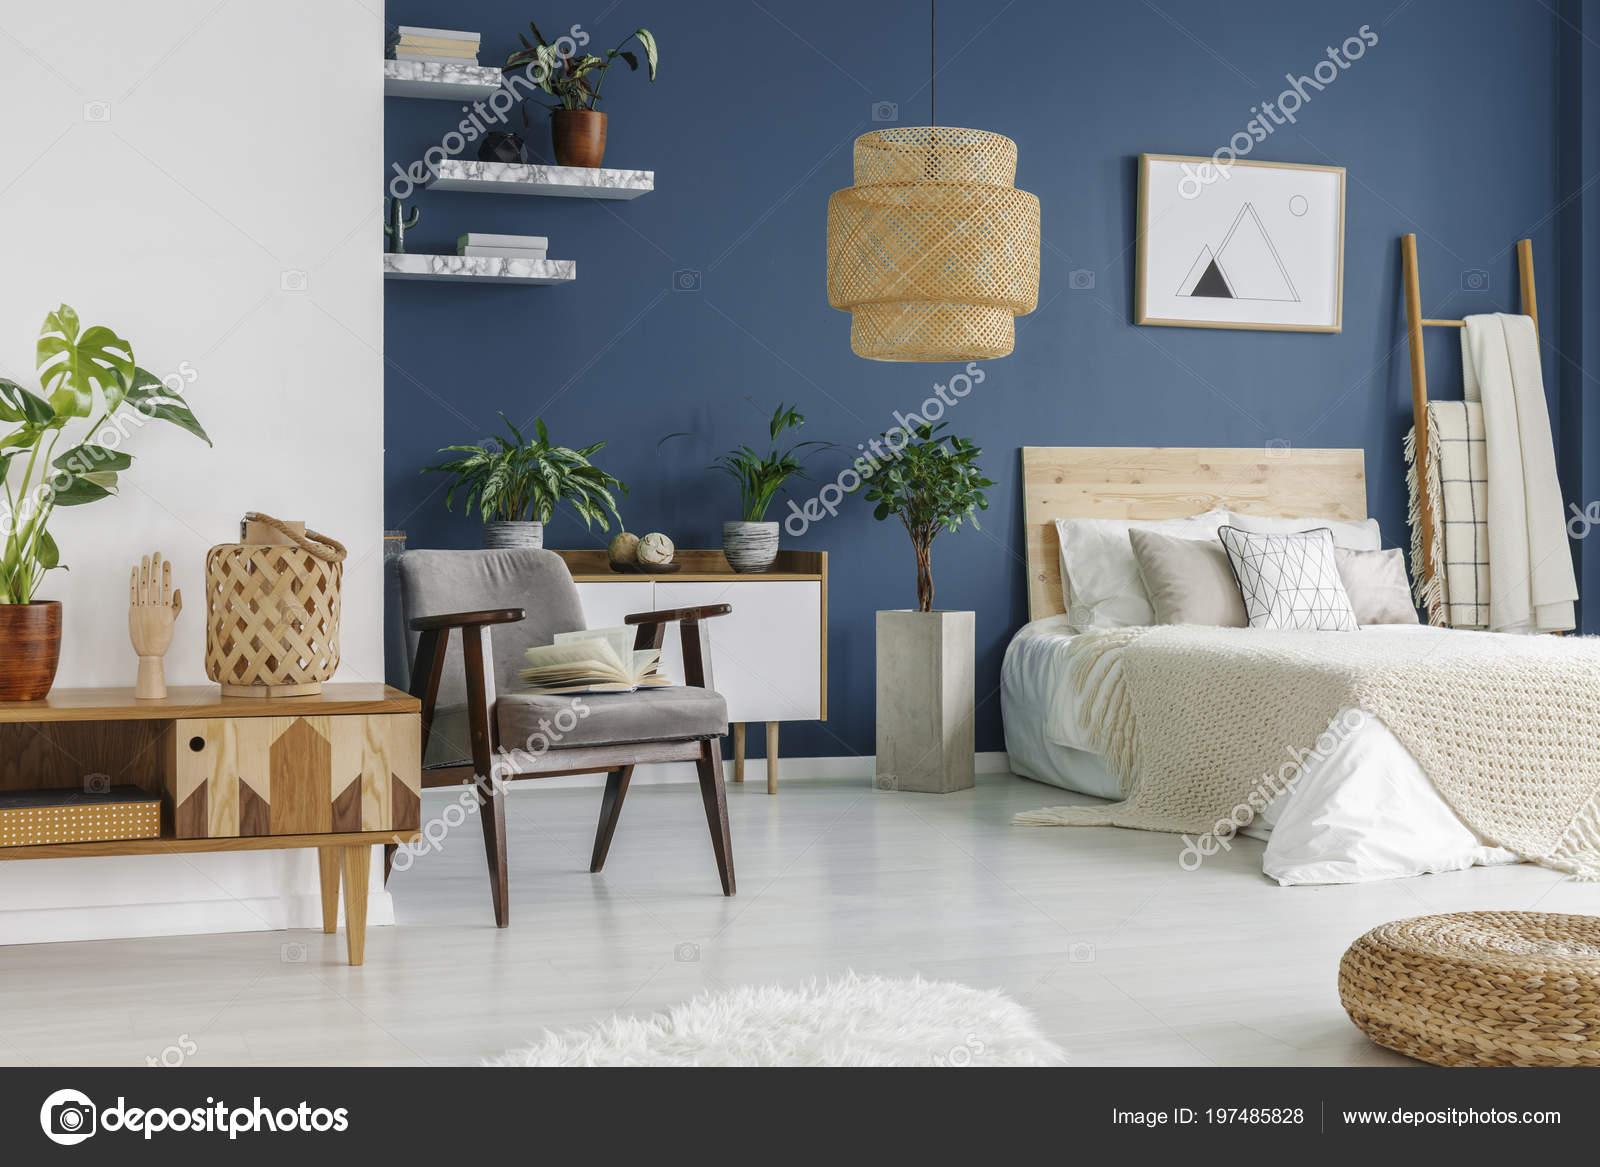 Pianta Camera Da Letto Matrimoniale : Mobili legno ripiani marmo all interno della camera letto con